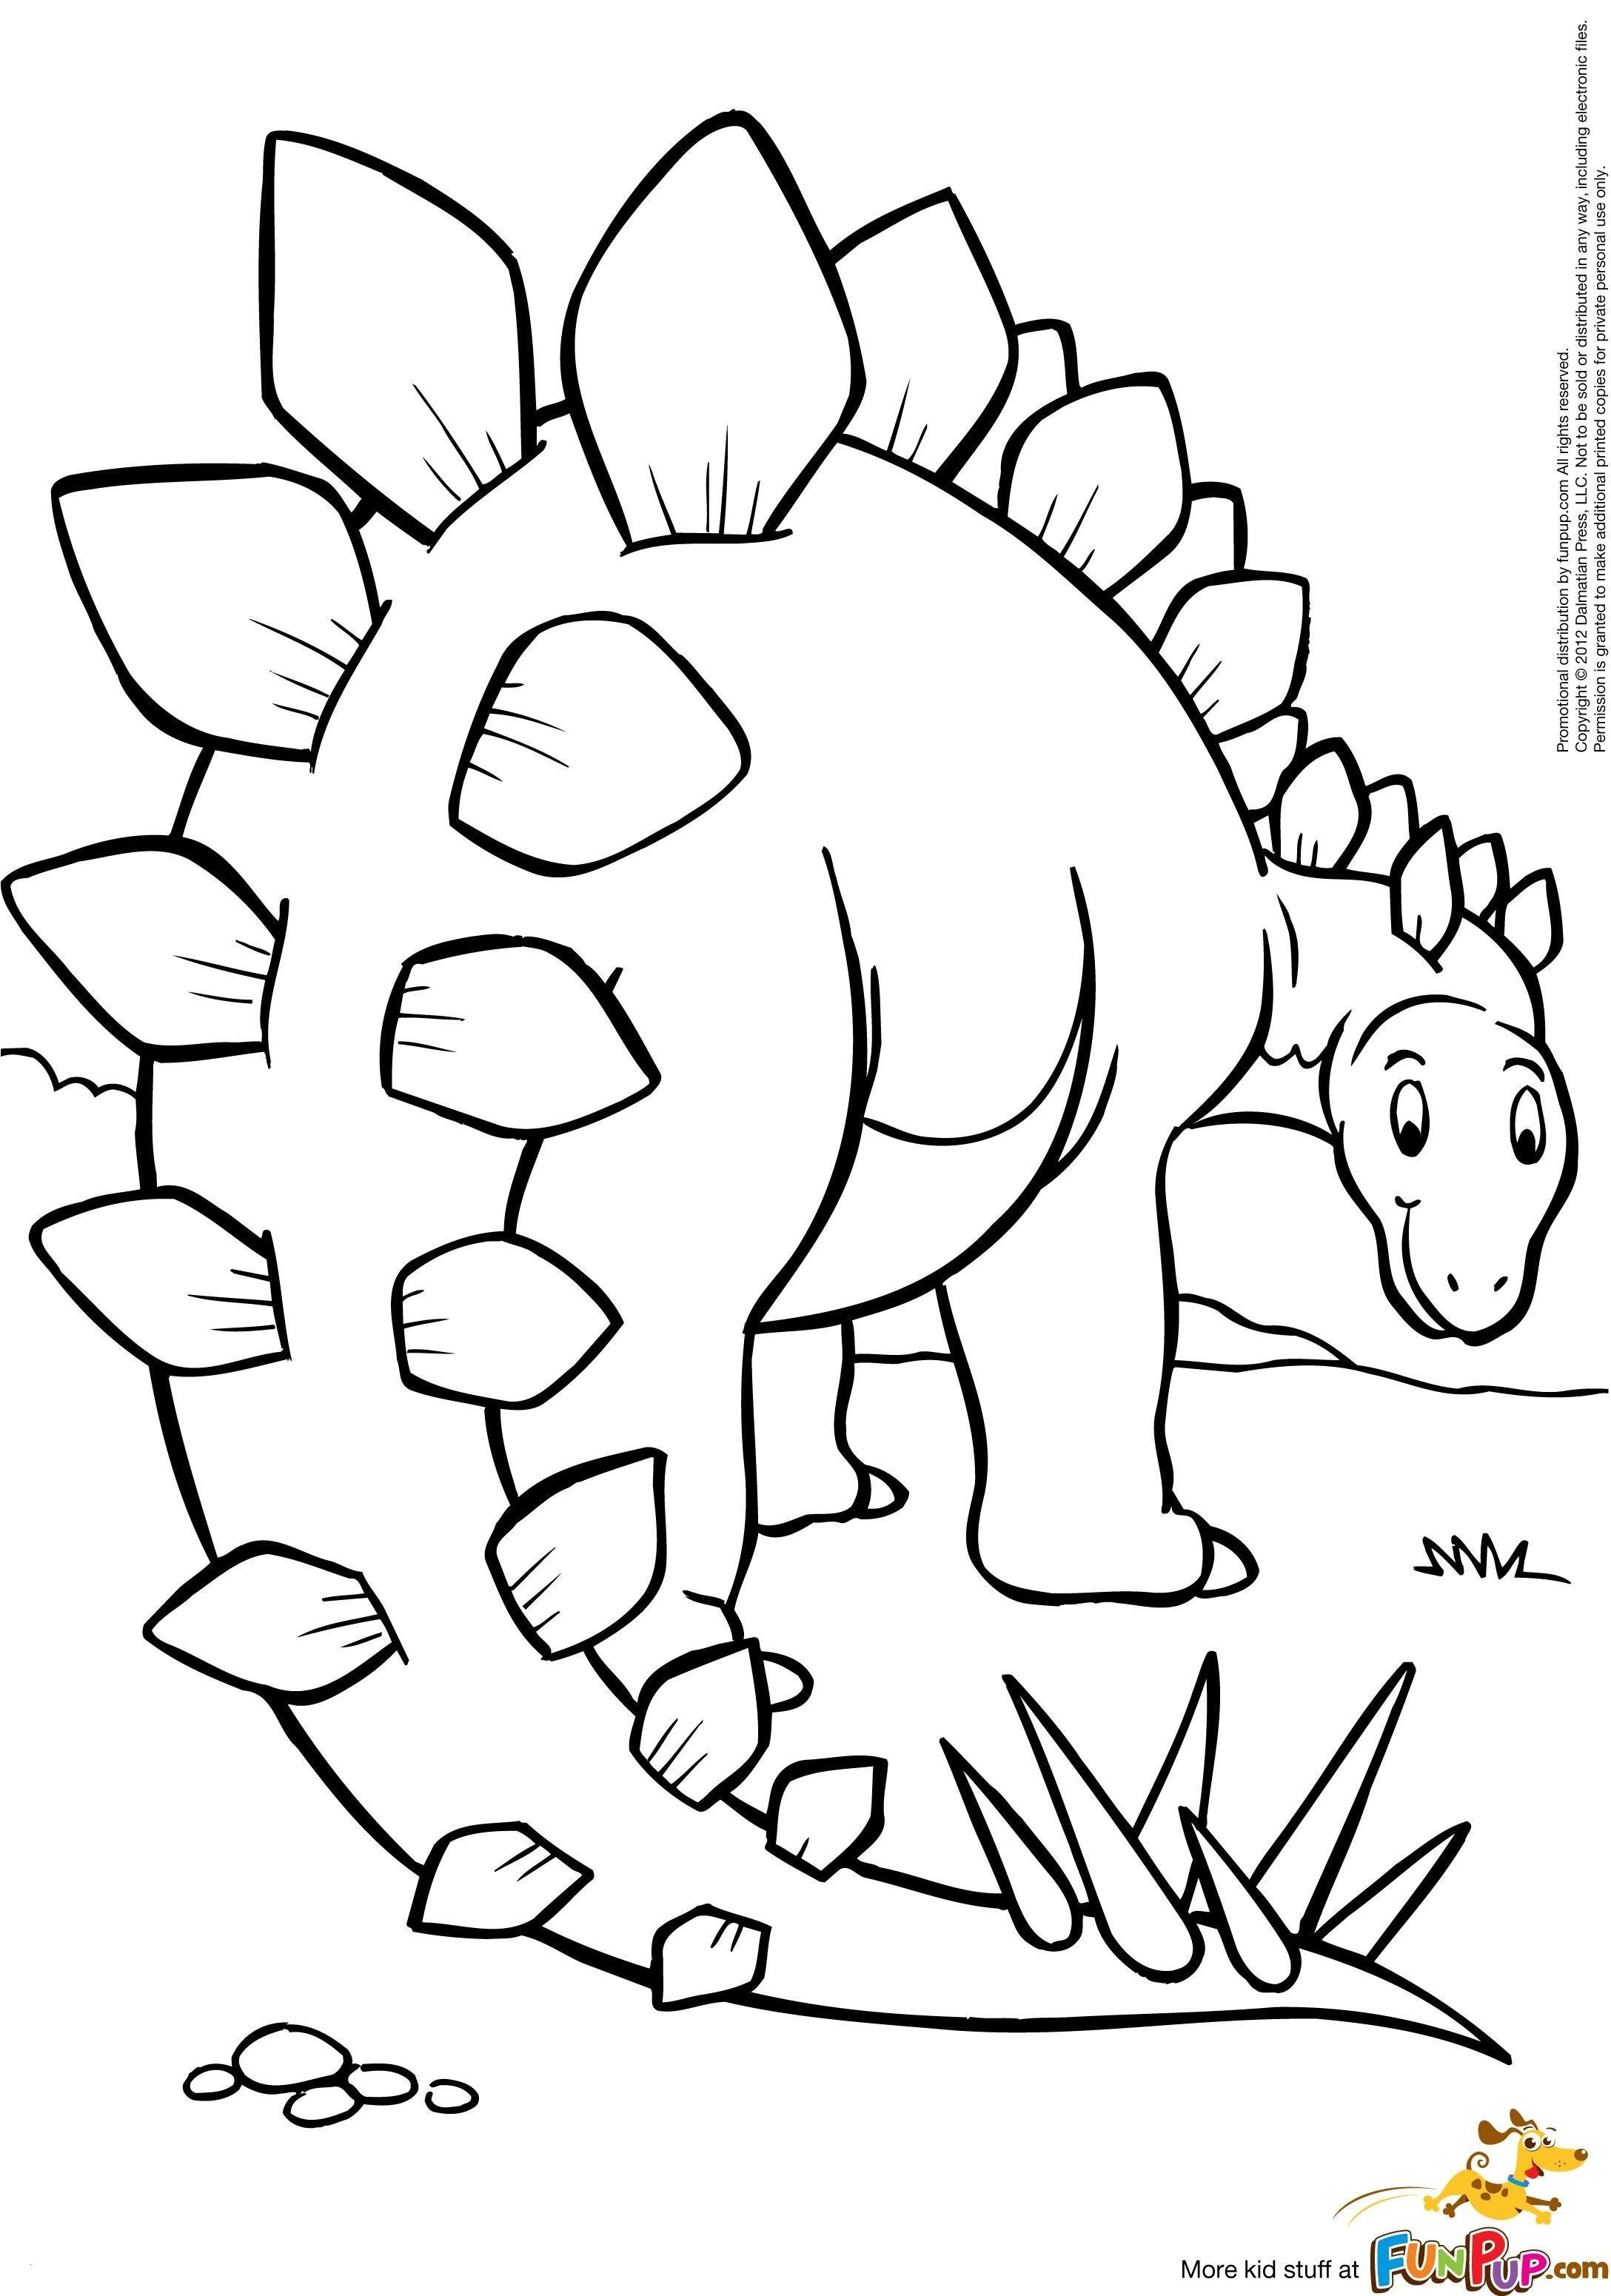 T Rex Malvorlage Inspirierend Ausmalbilder T Rex Inspirierend T Rex Archives Scoredatscore Stock